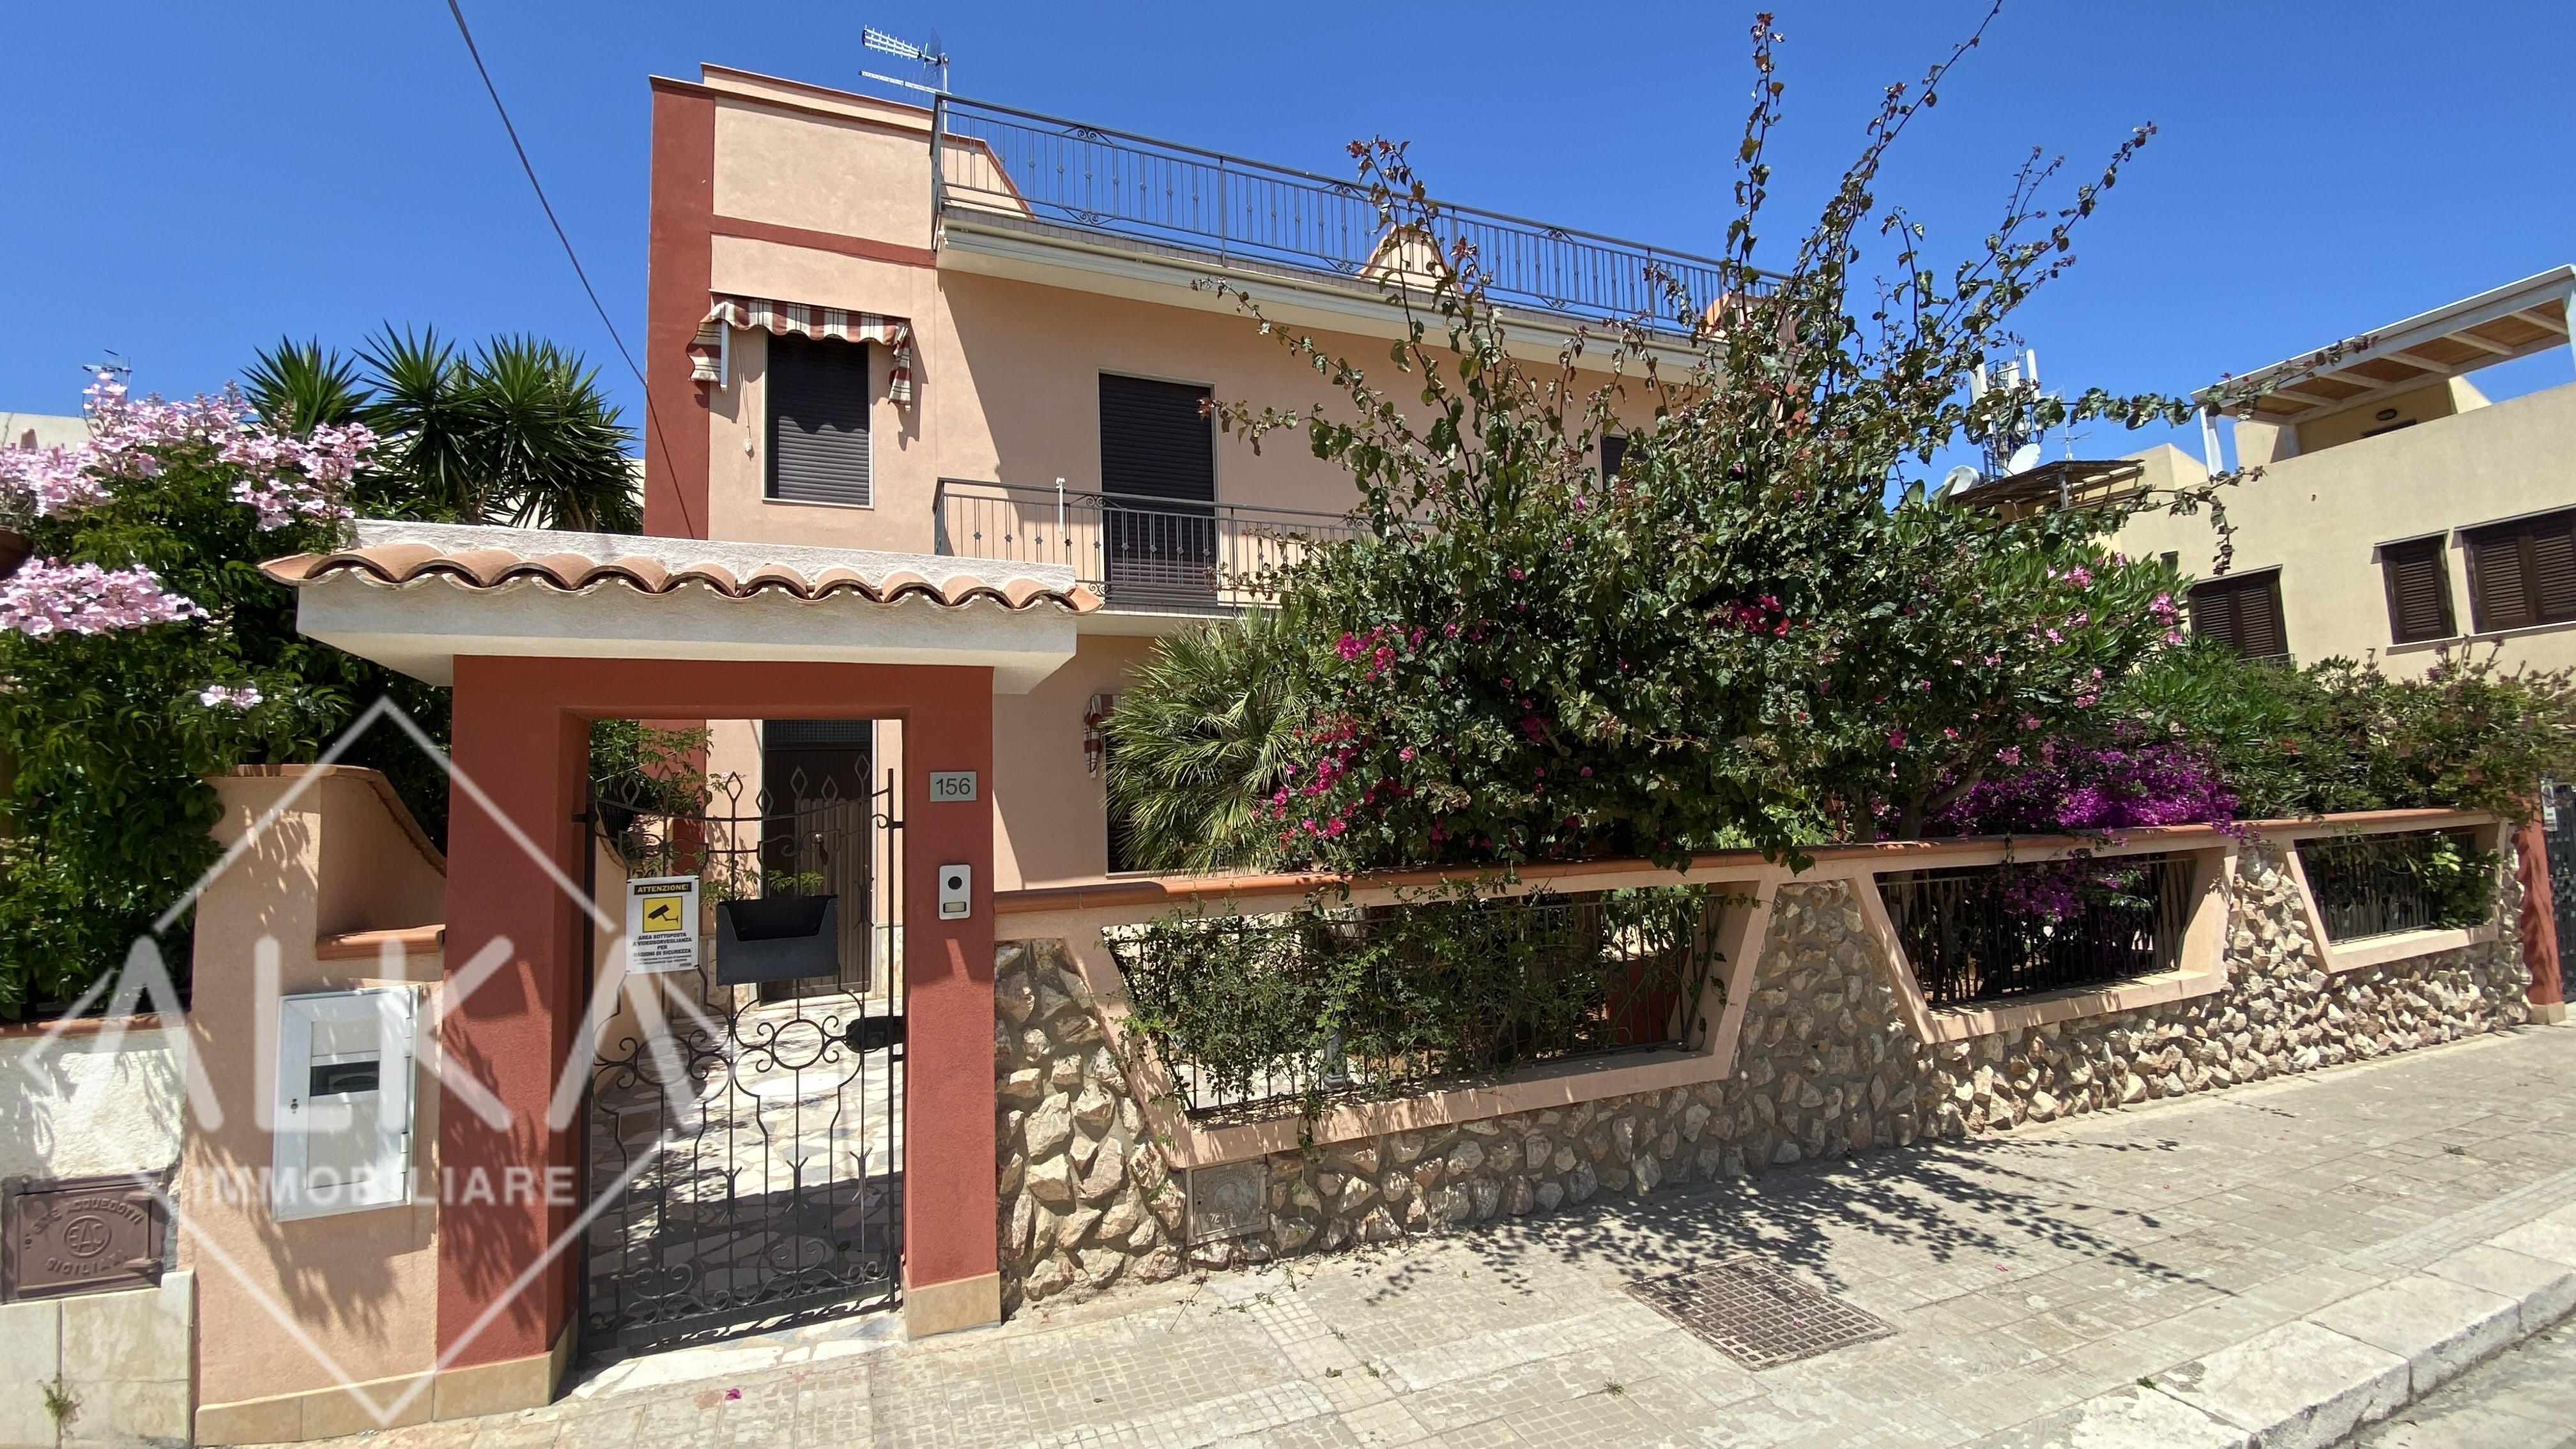 Villa con terreno in vendita a San Vito Lo Capo